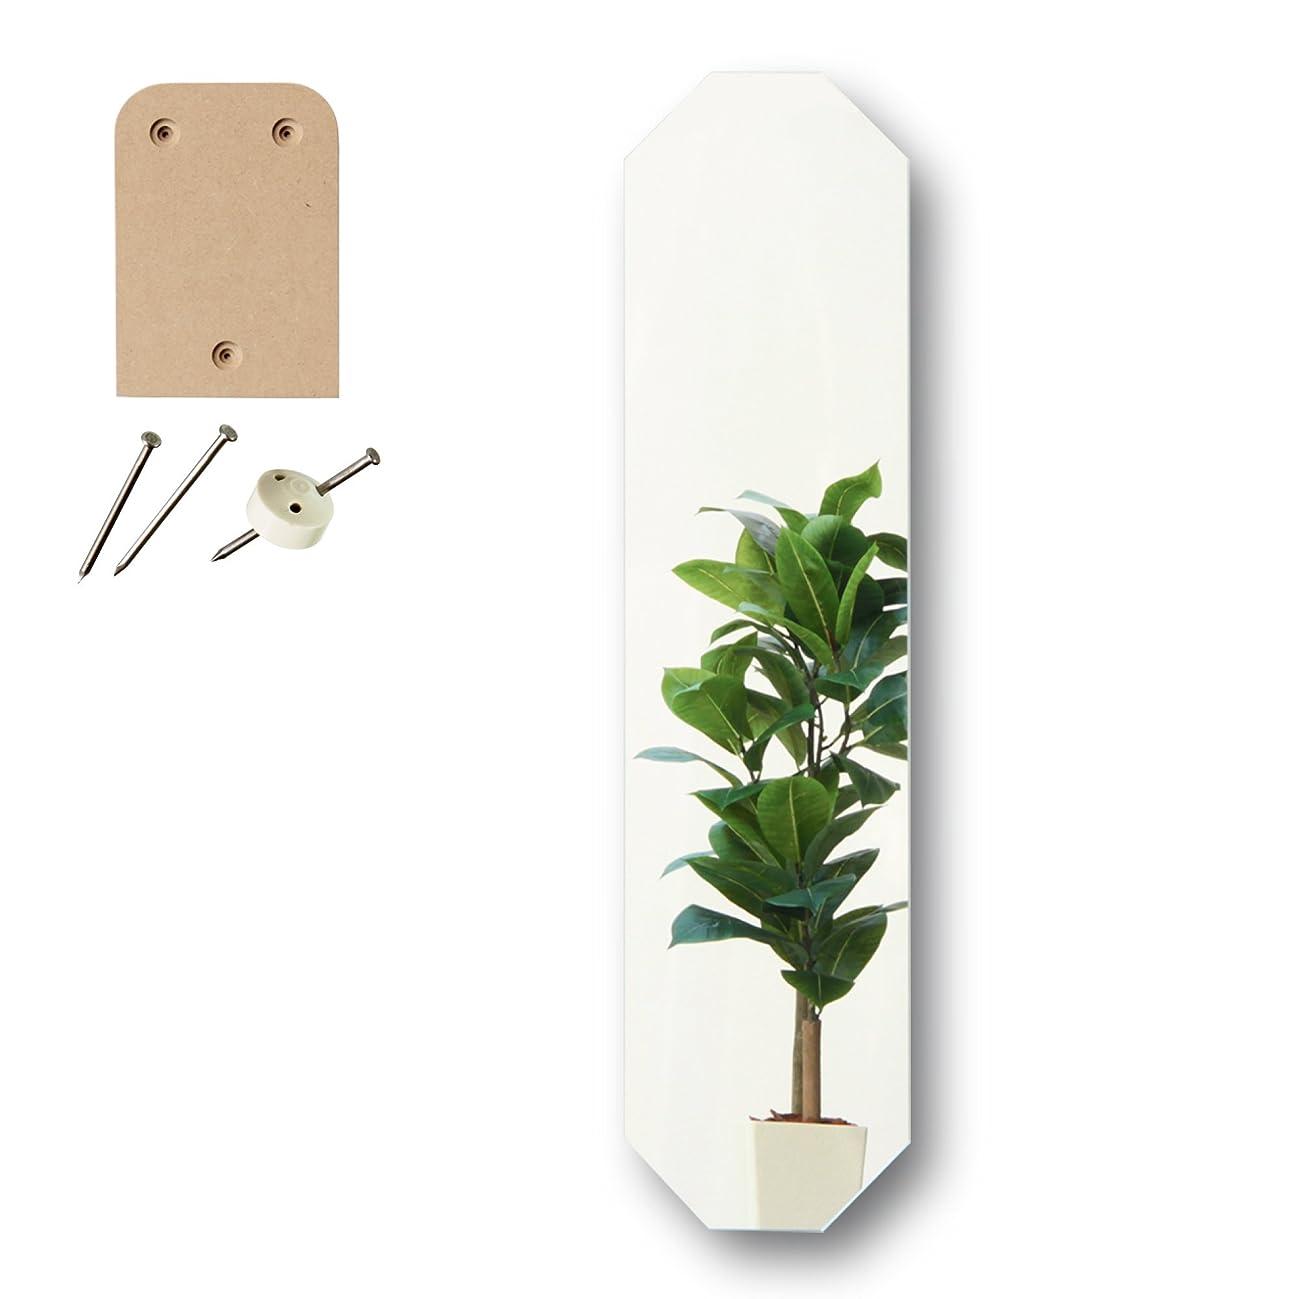 なしで民間明らかにする鏡 八角 八角形 壁掛け 姿見 全身 30×120cm 賃貸 壁 対応 貼れる鏡 デザイン ミラー